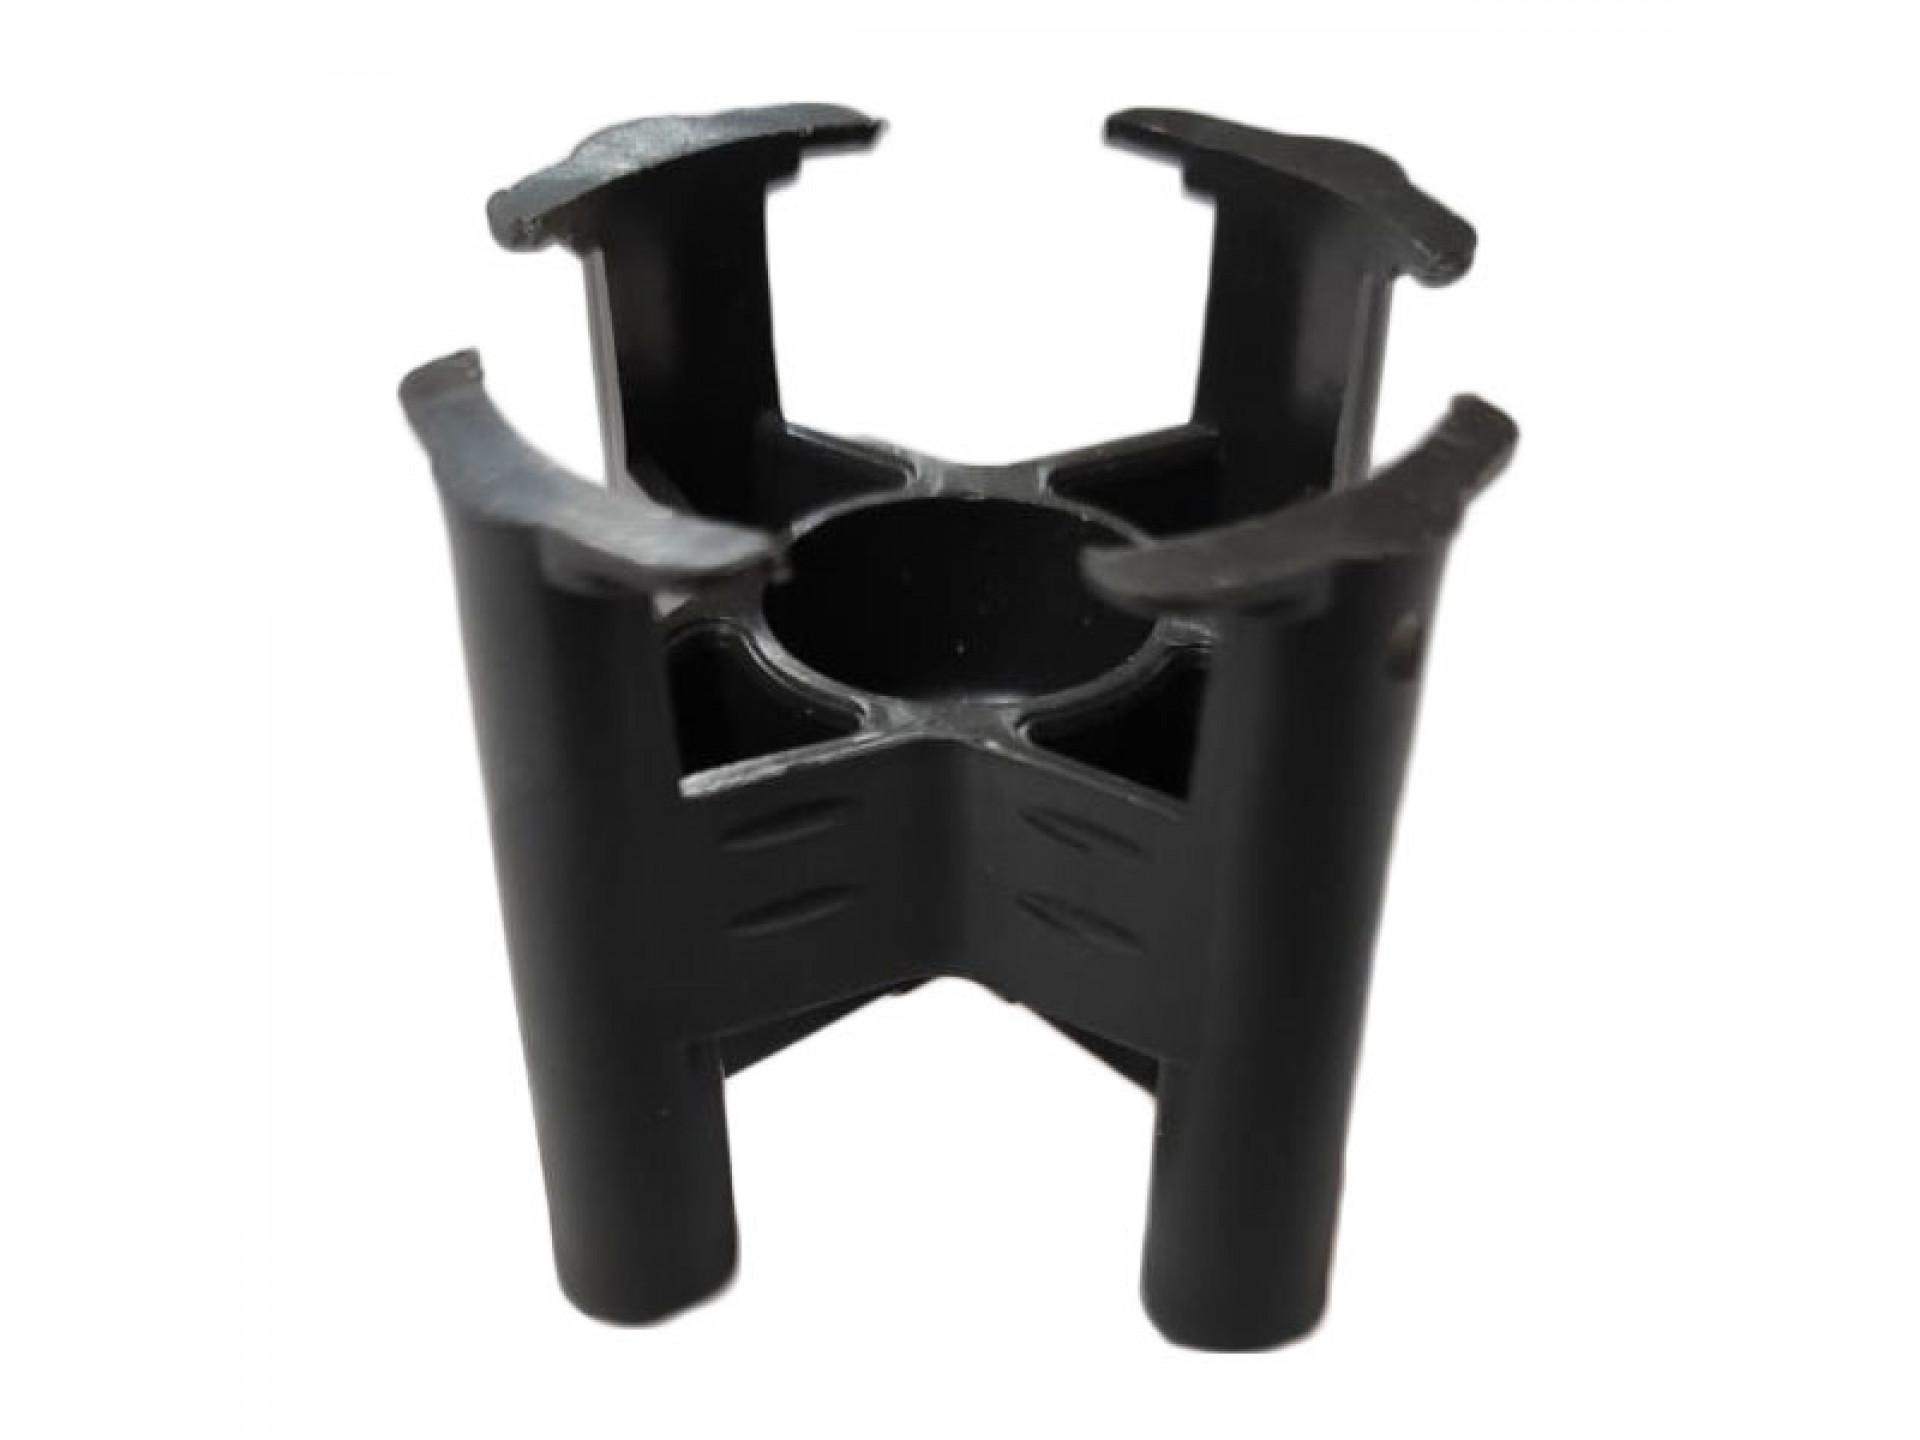 Фиксатор - стульчик-30 для композитной арматуры в Пензе